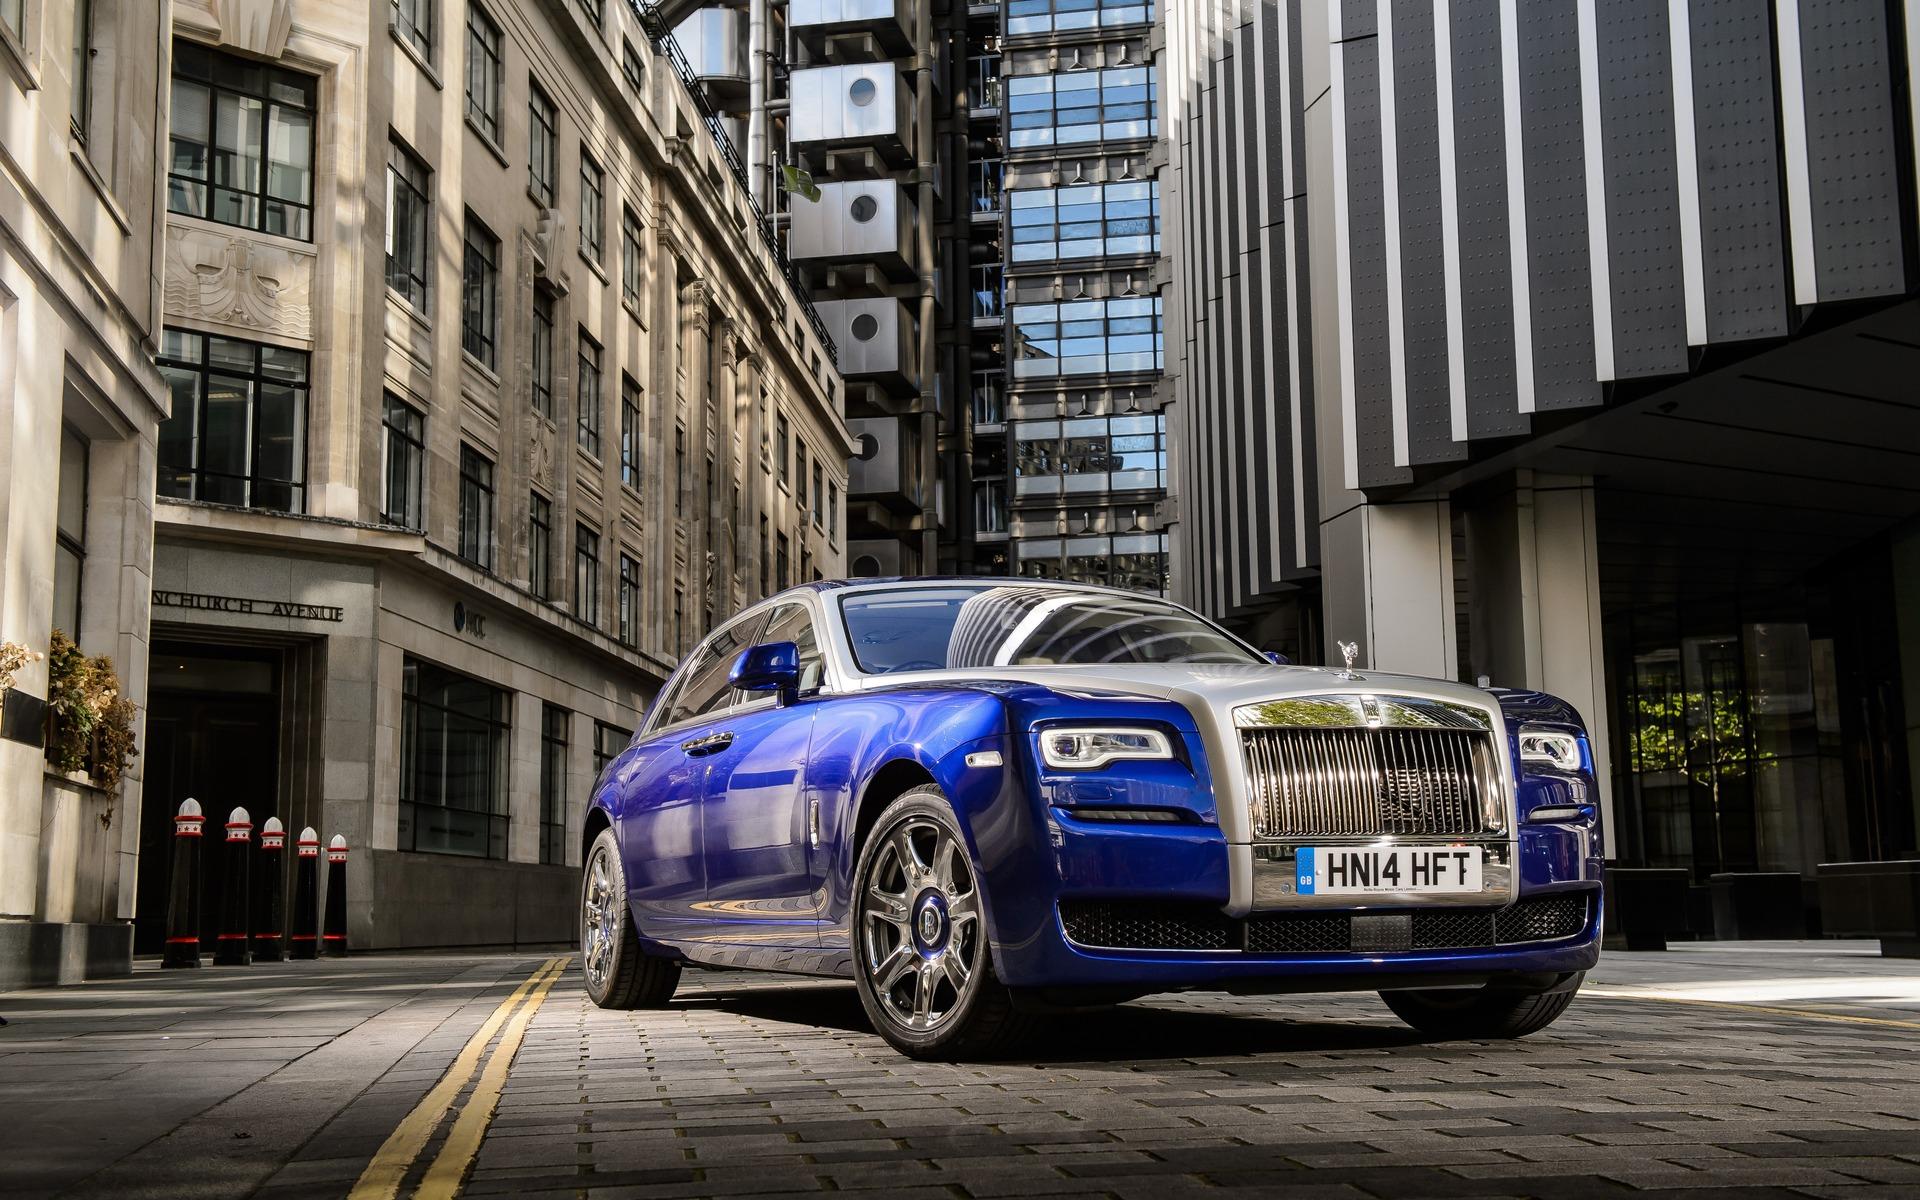 Rolls Royce Phantom Best Luxury Cars: Top 4 Contenders » Men's Guide